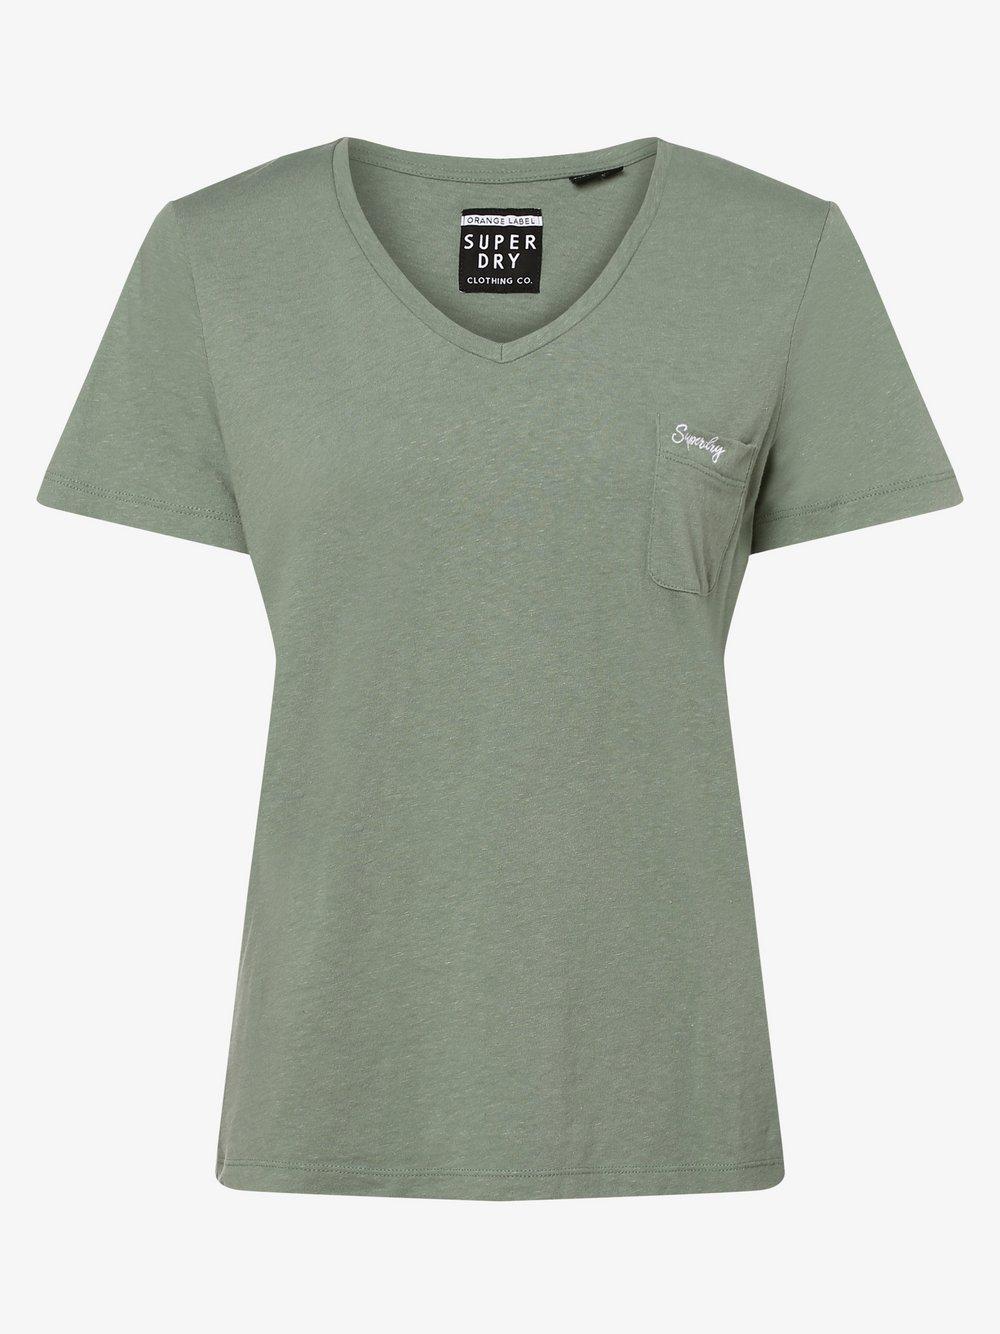 Superdry - T-shirt damski, zielony Superdry